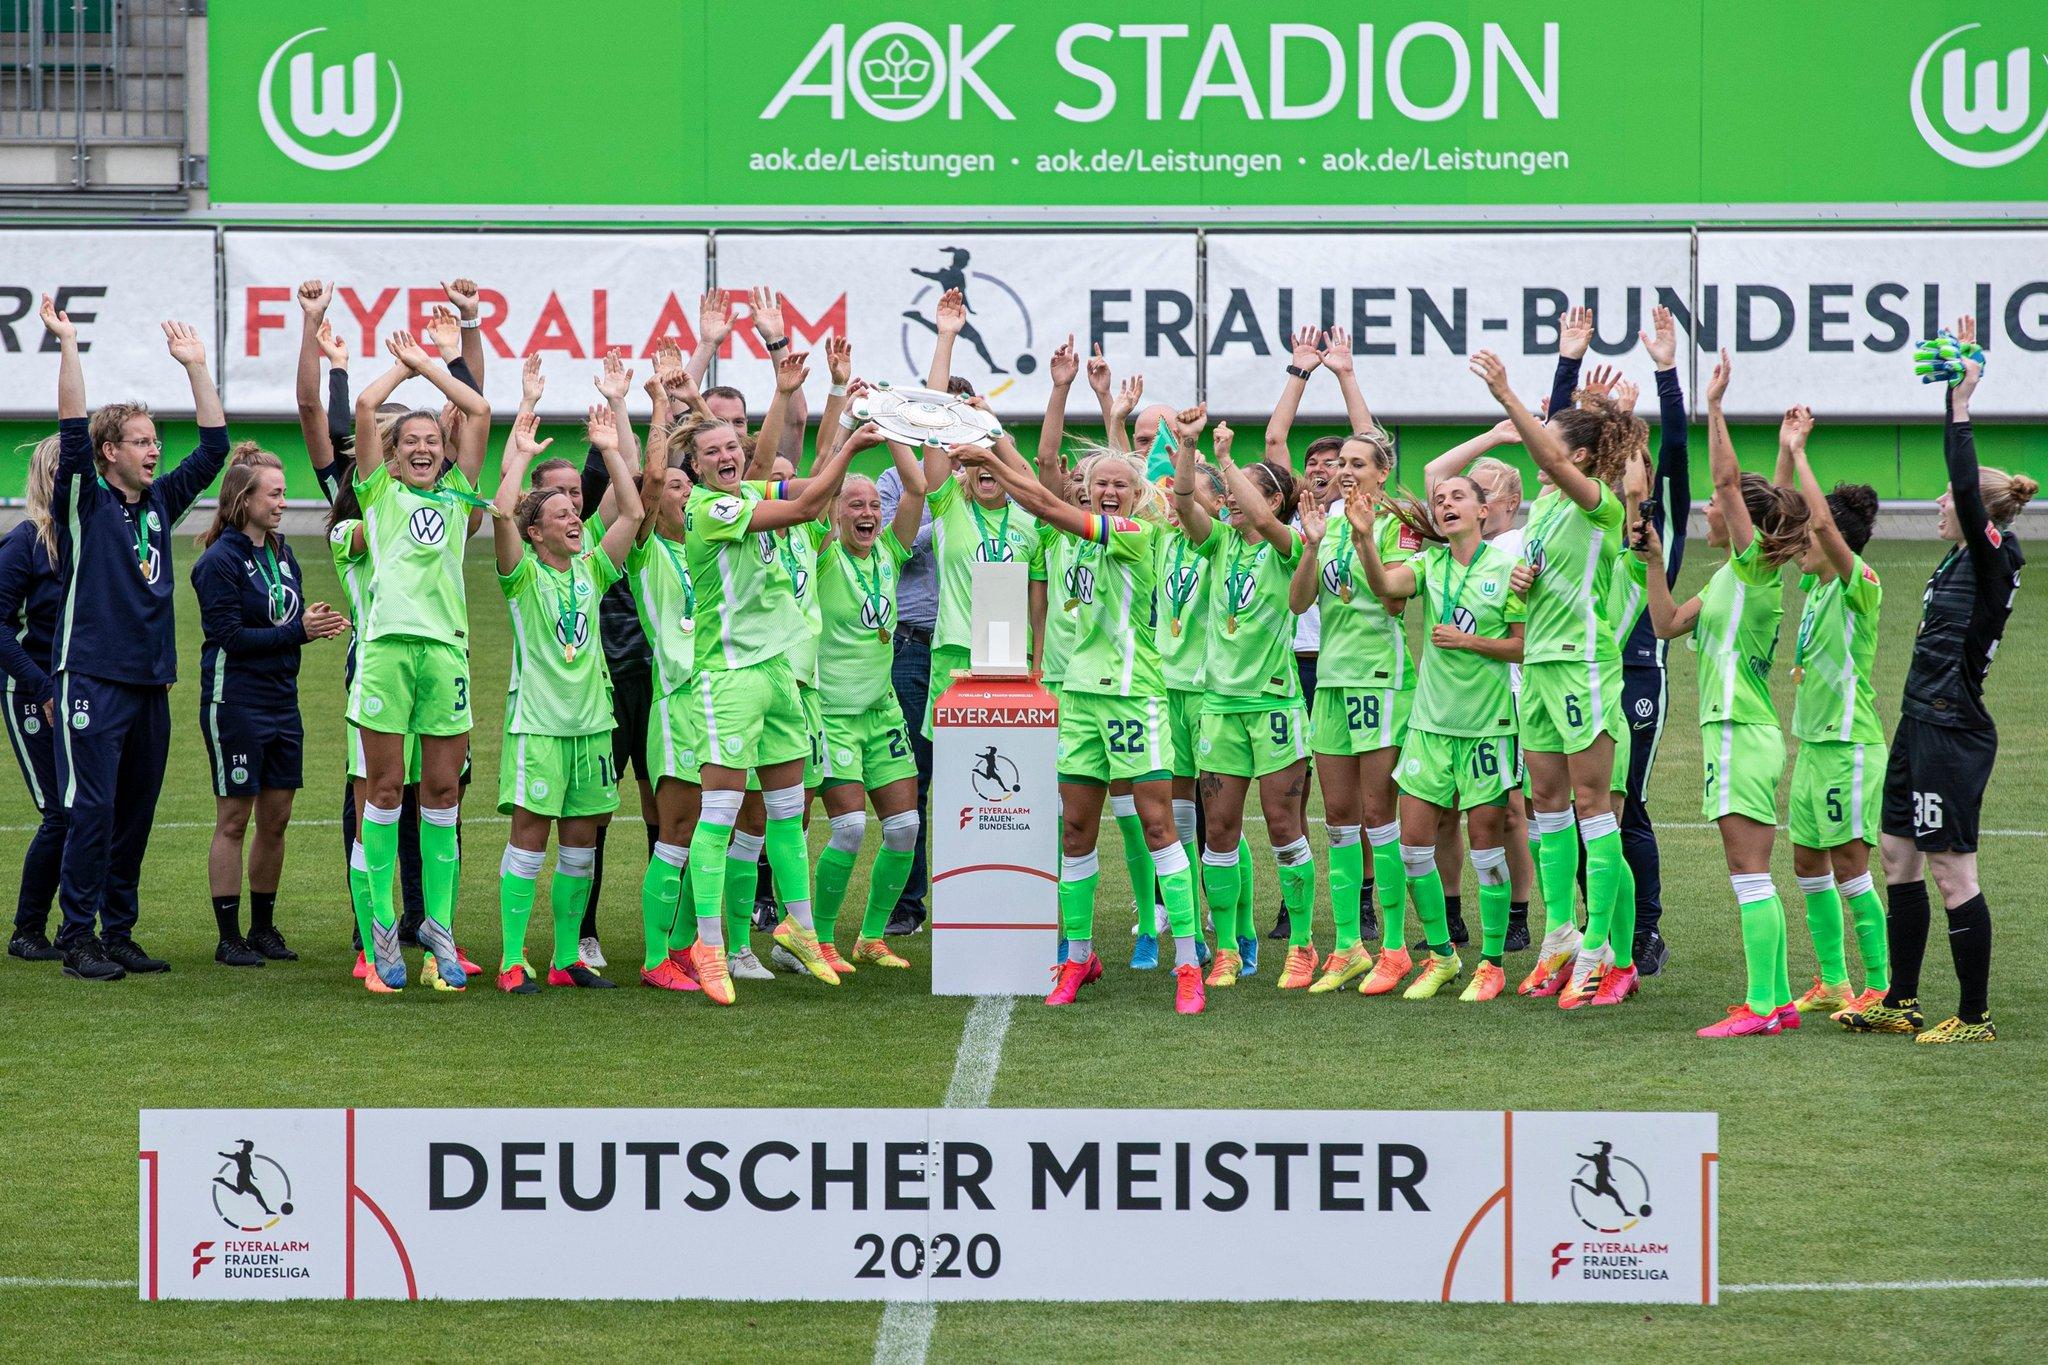 女足德甲落幕:狼堡不败夺4连冠,拜仁夺亚军获欧冠资格